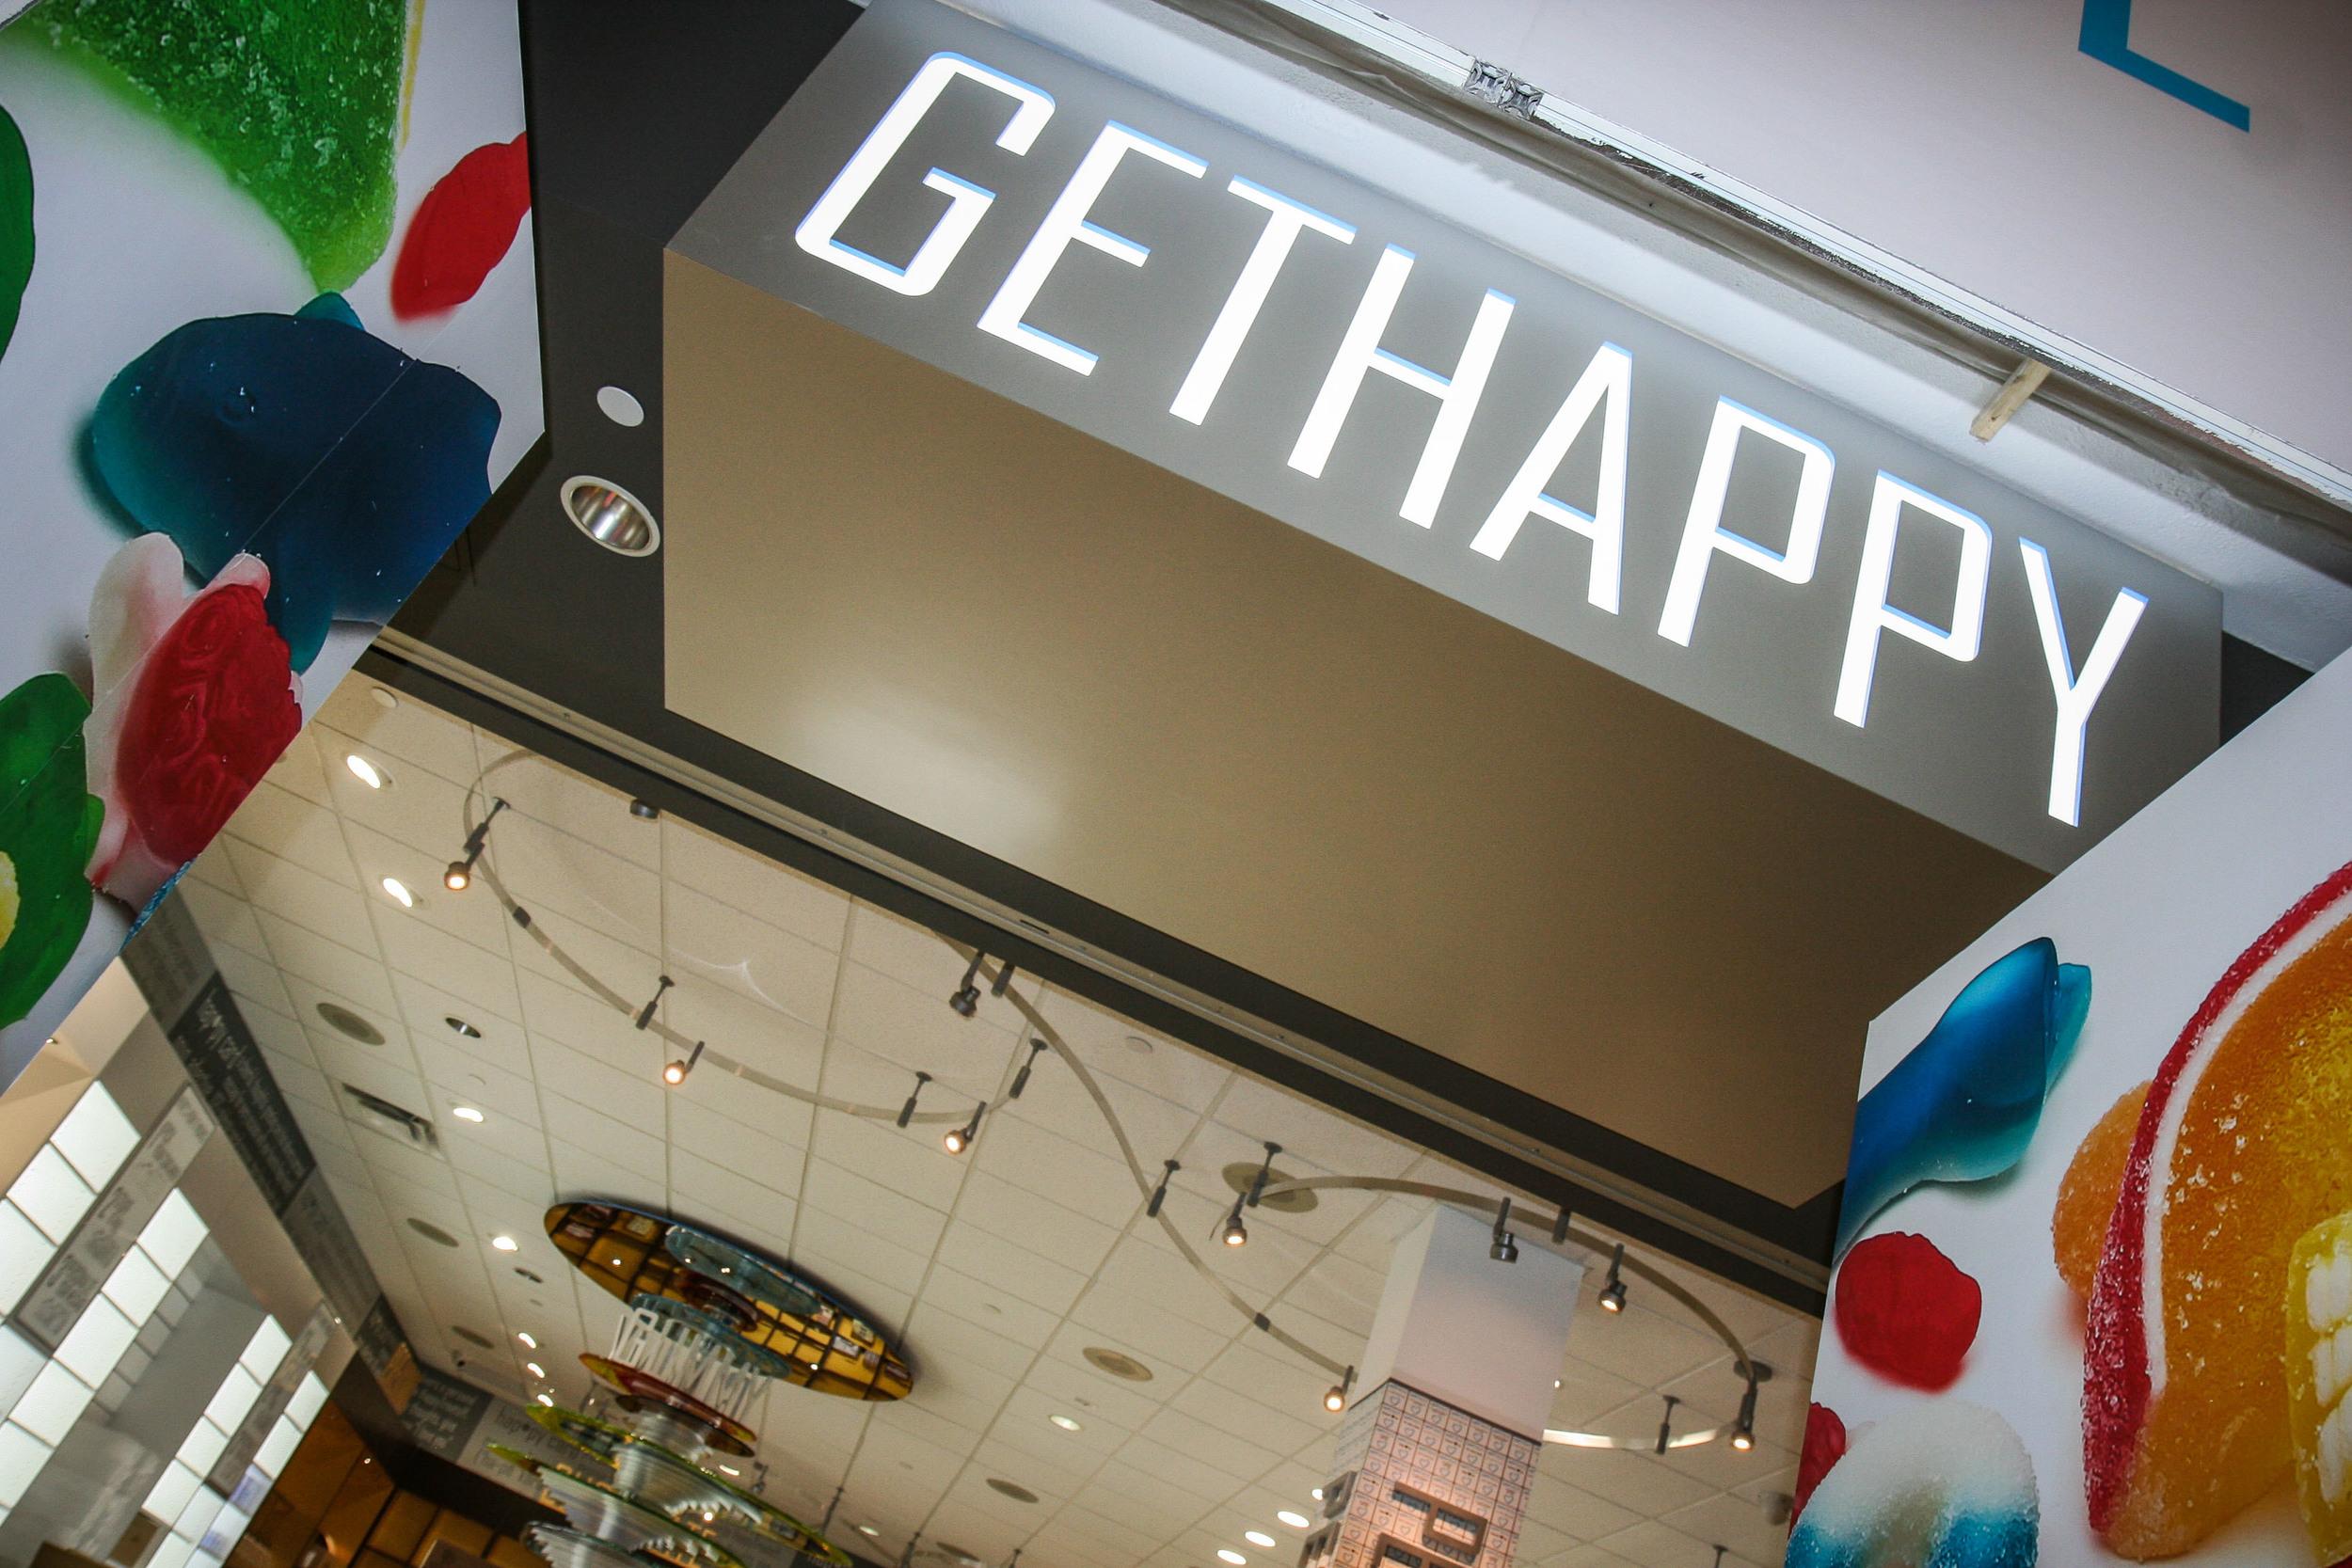 gethappy_branding-4.jpg